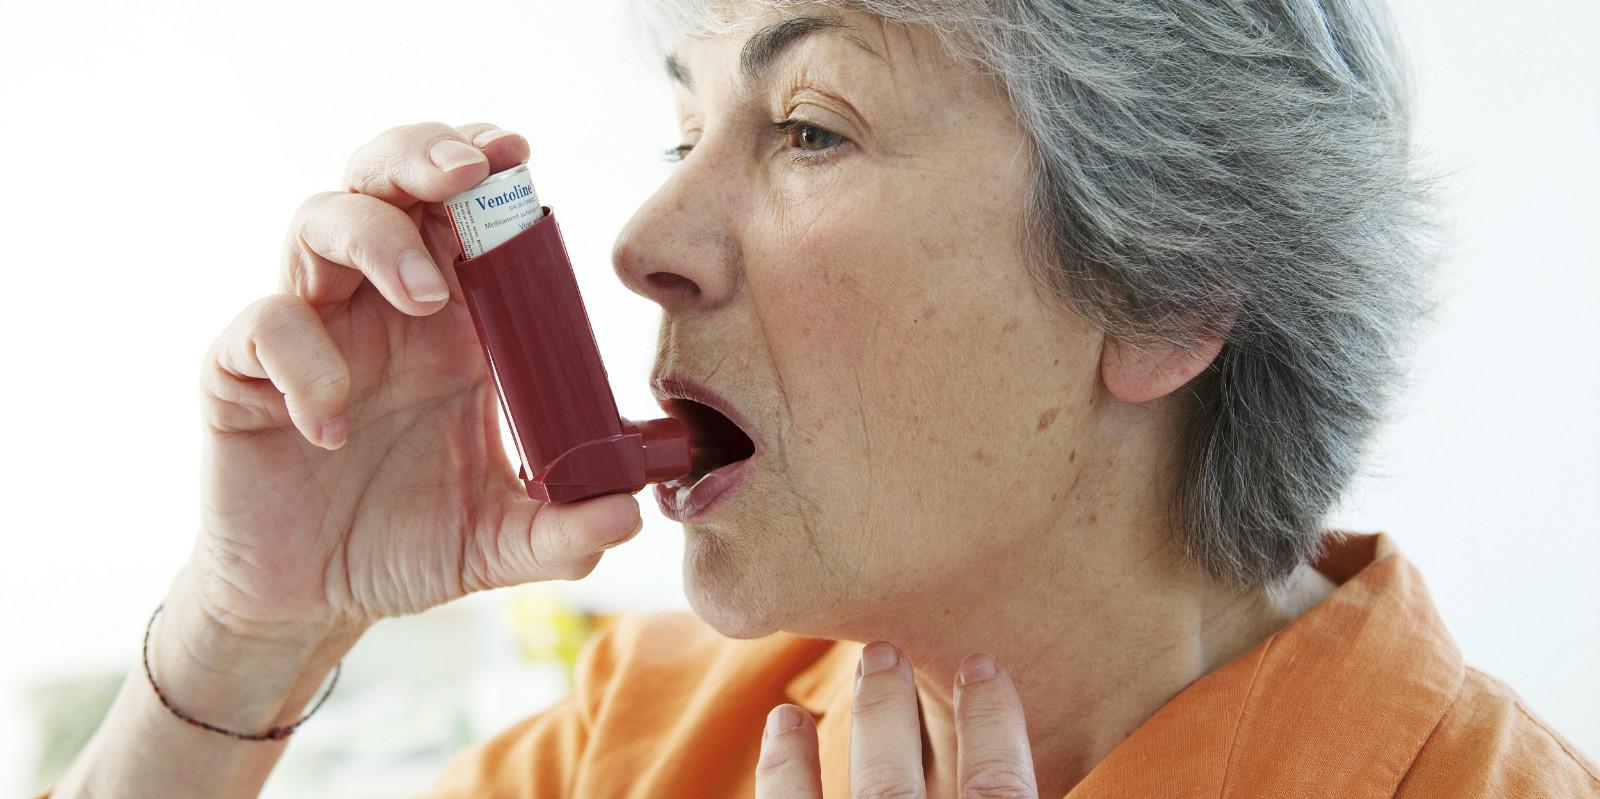 世界防治哮喘日 | 咳嗽、胸闷、气促,哮喘患者应当心这些发作早期征兆